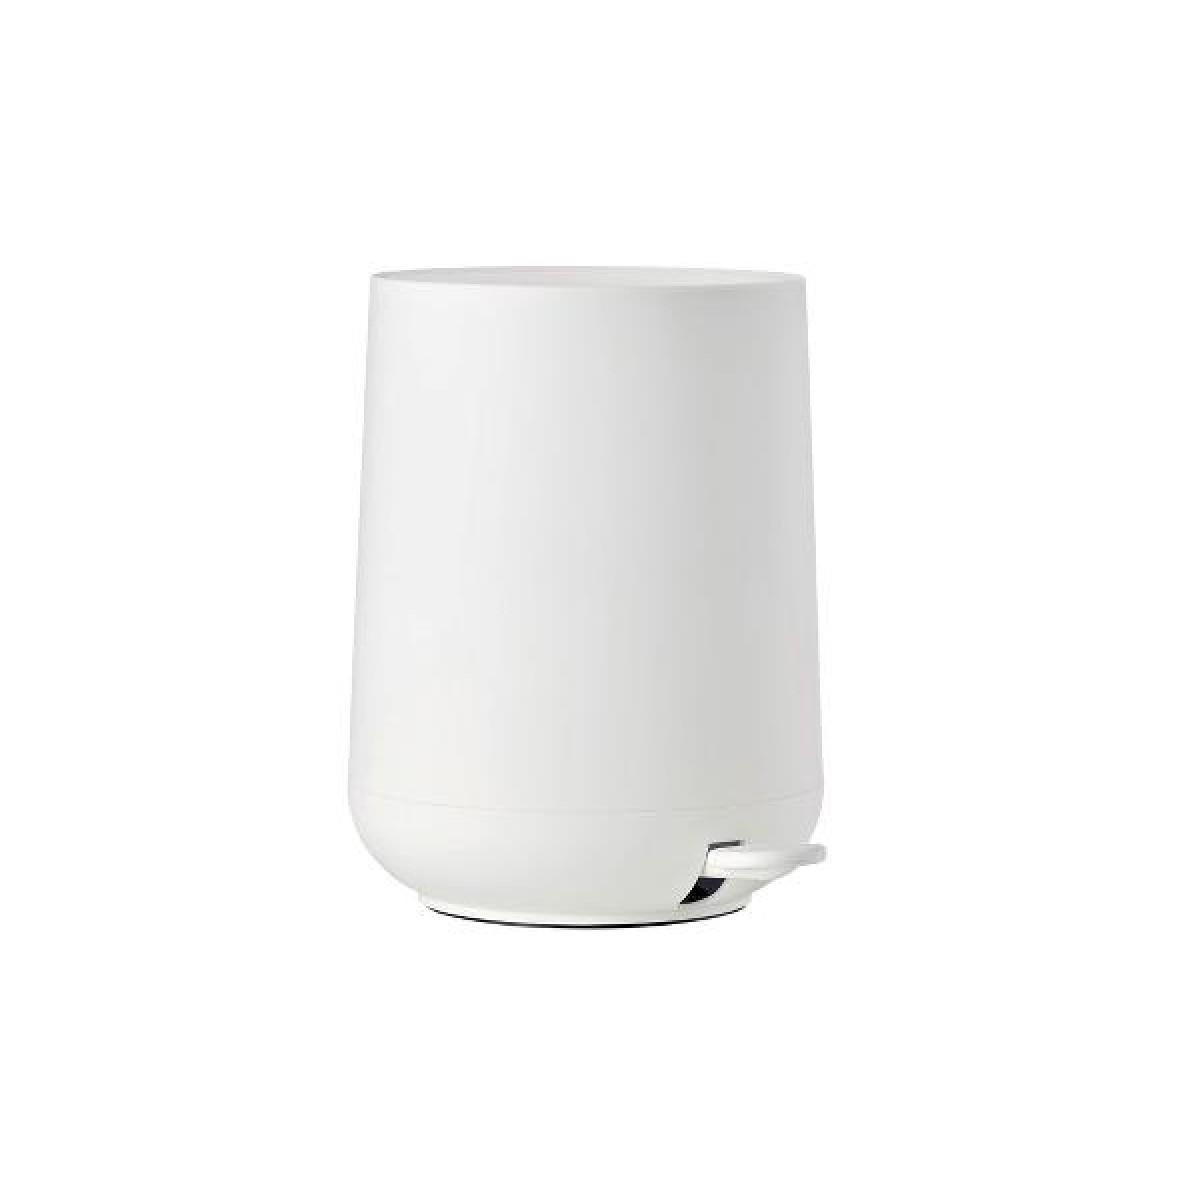 ZONE Nova toiletspand 3 L hvid